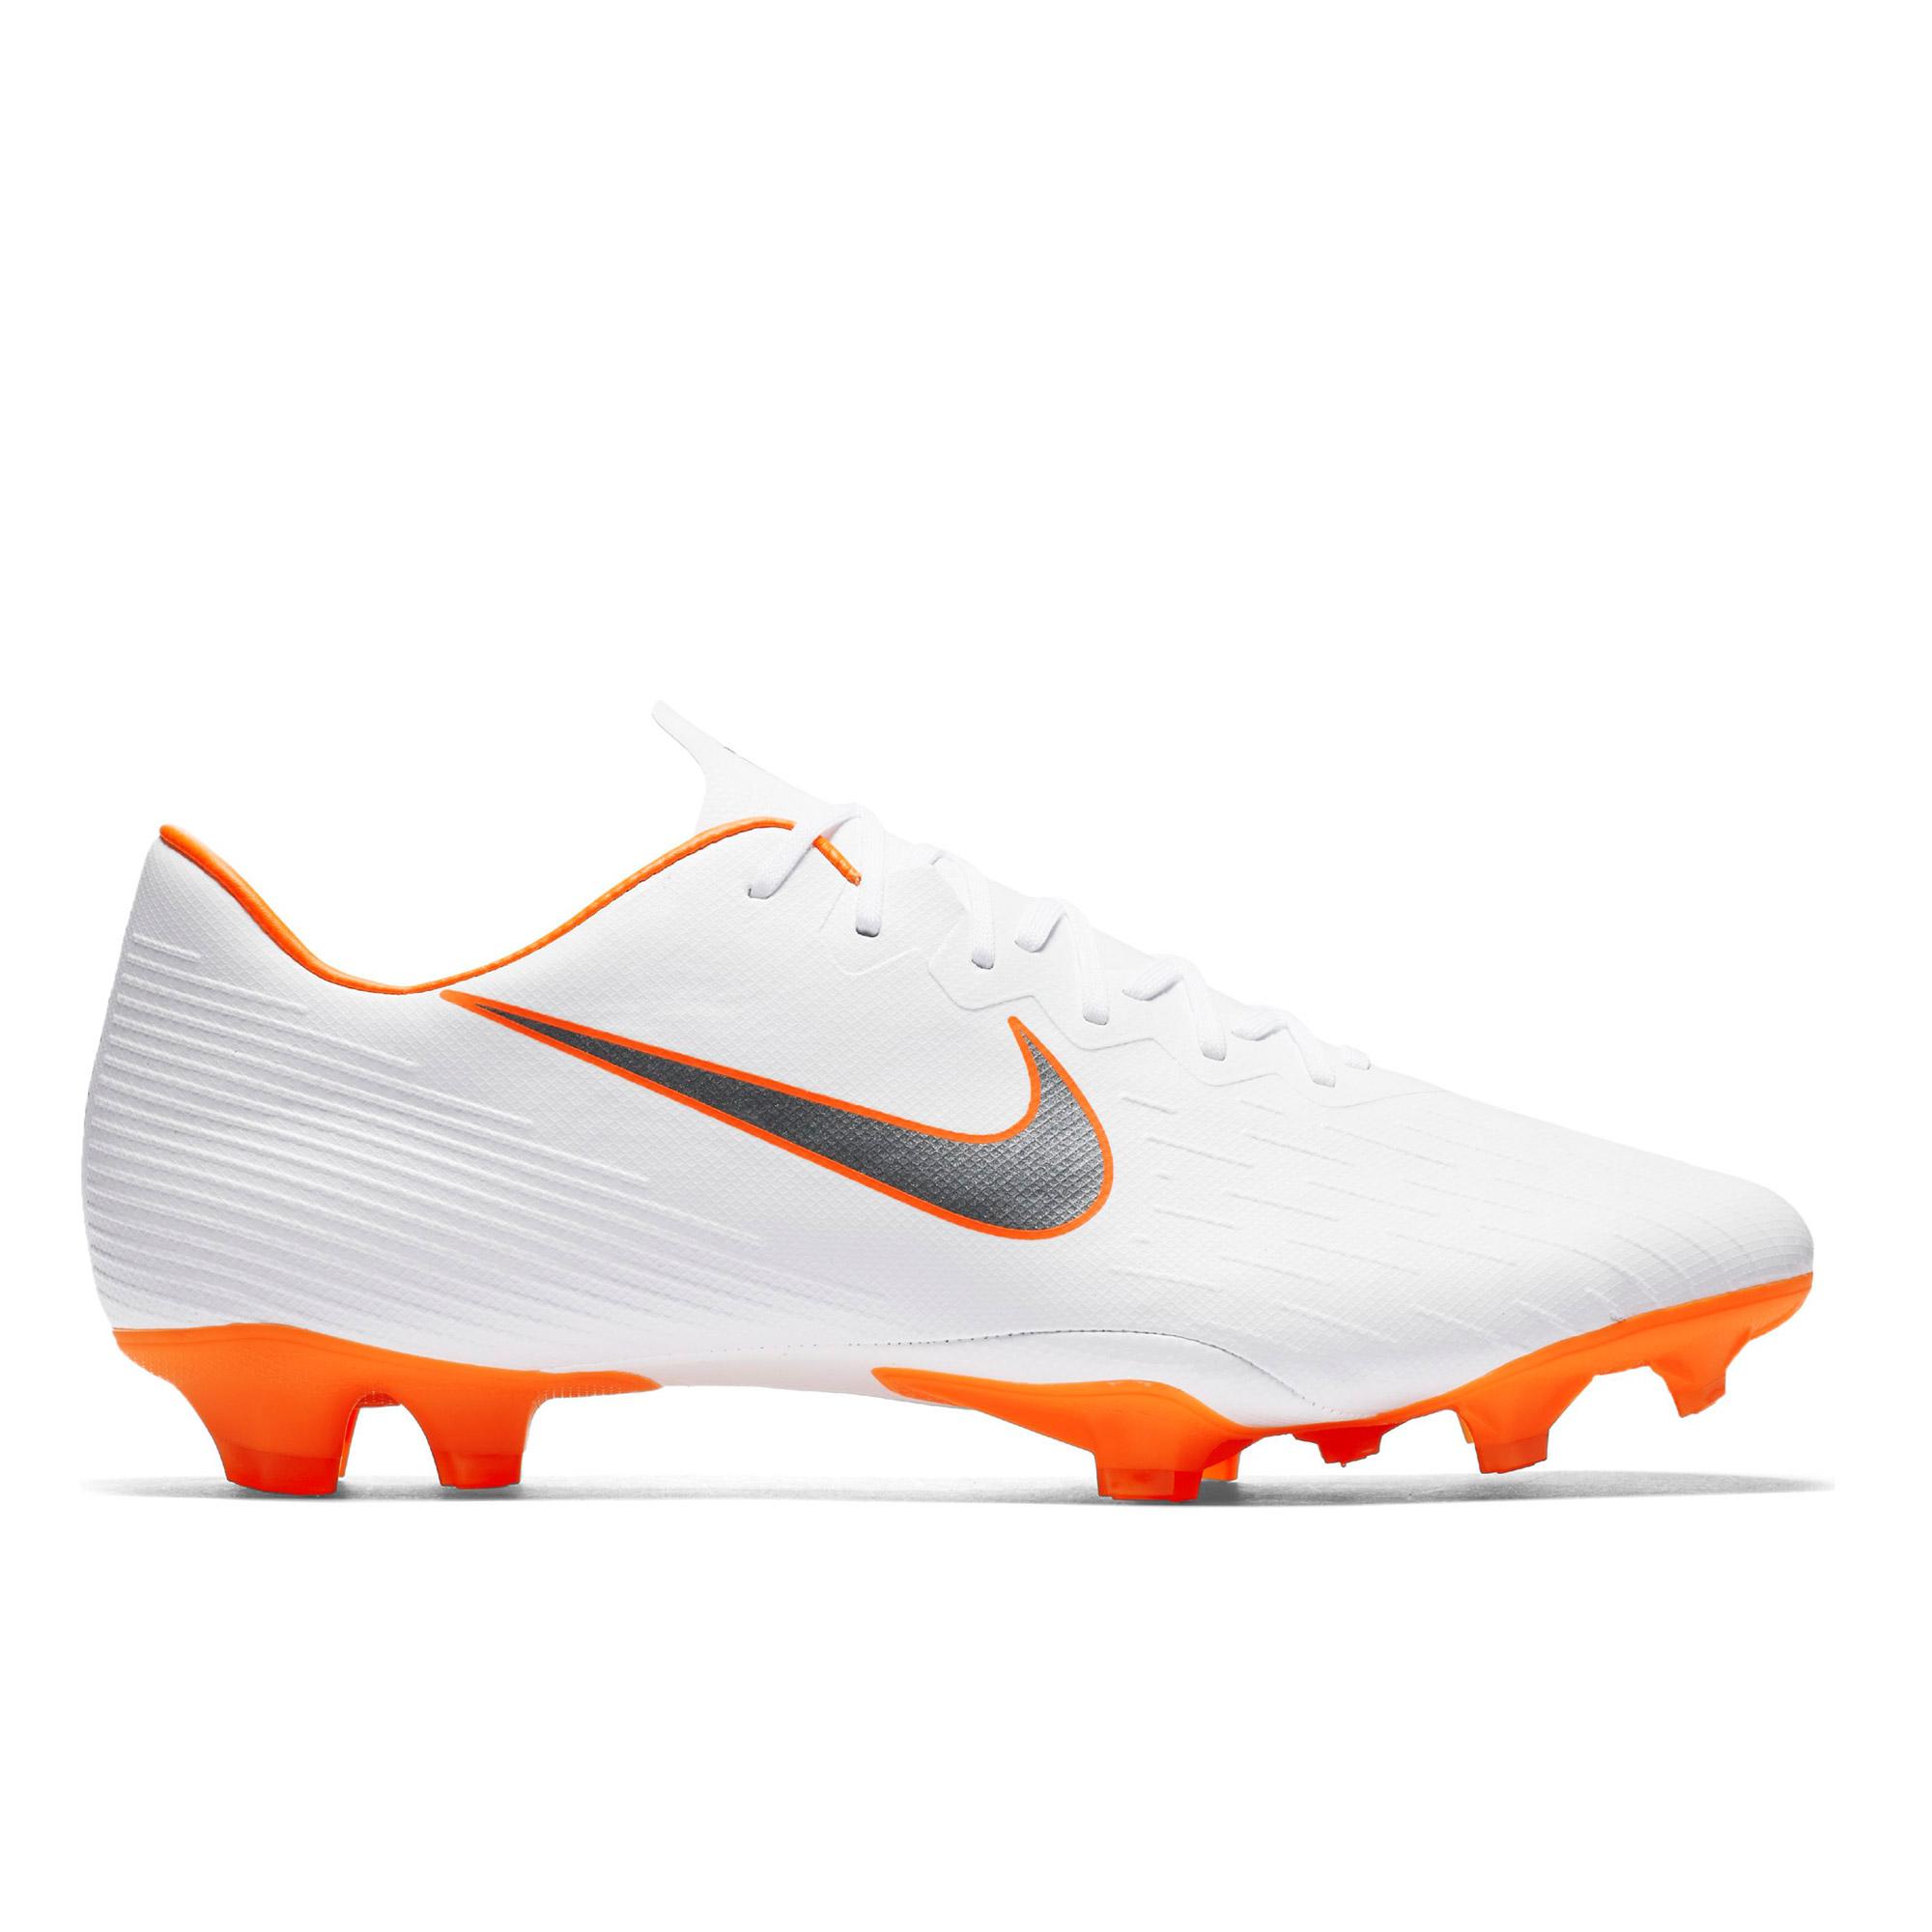 Chaussures de football Nike Mercurial Vapor12 Pro pour terrain sec